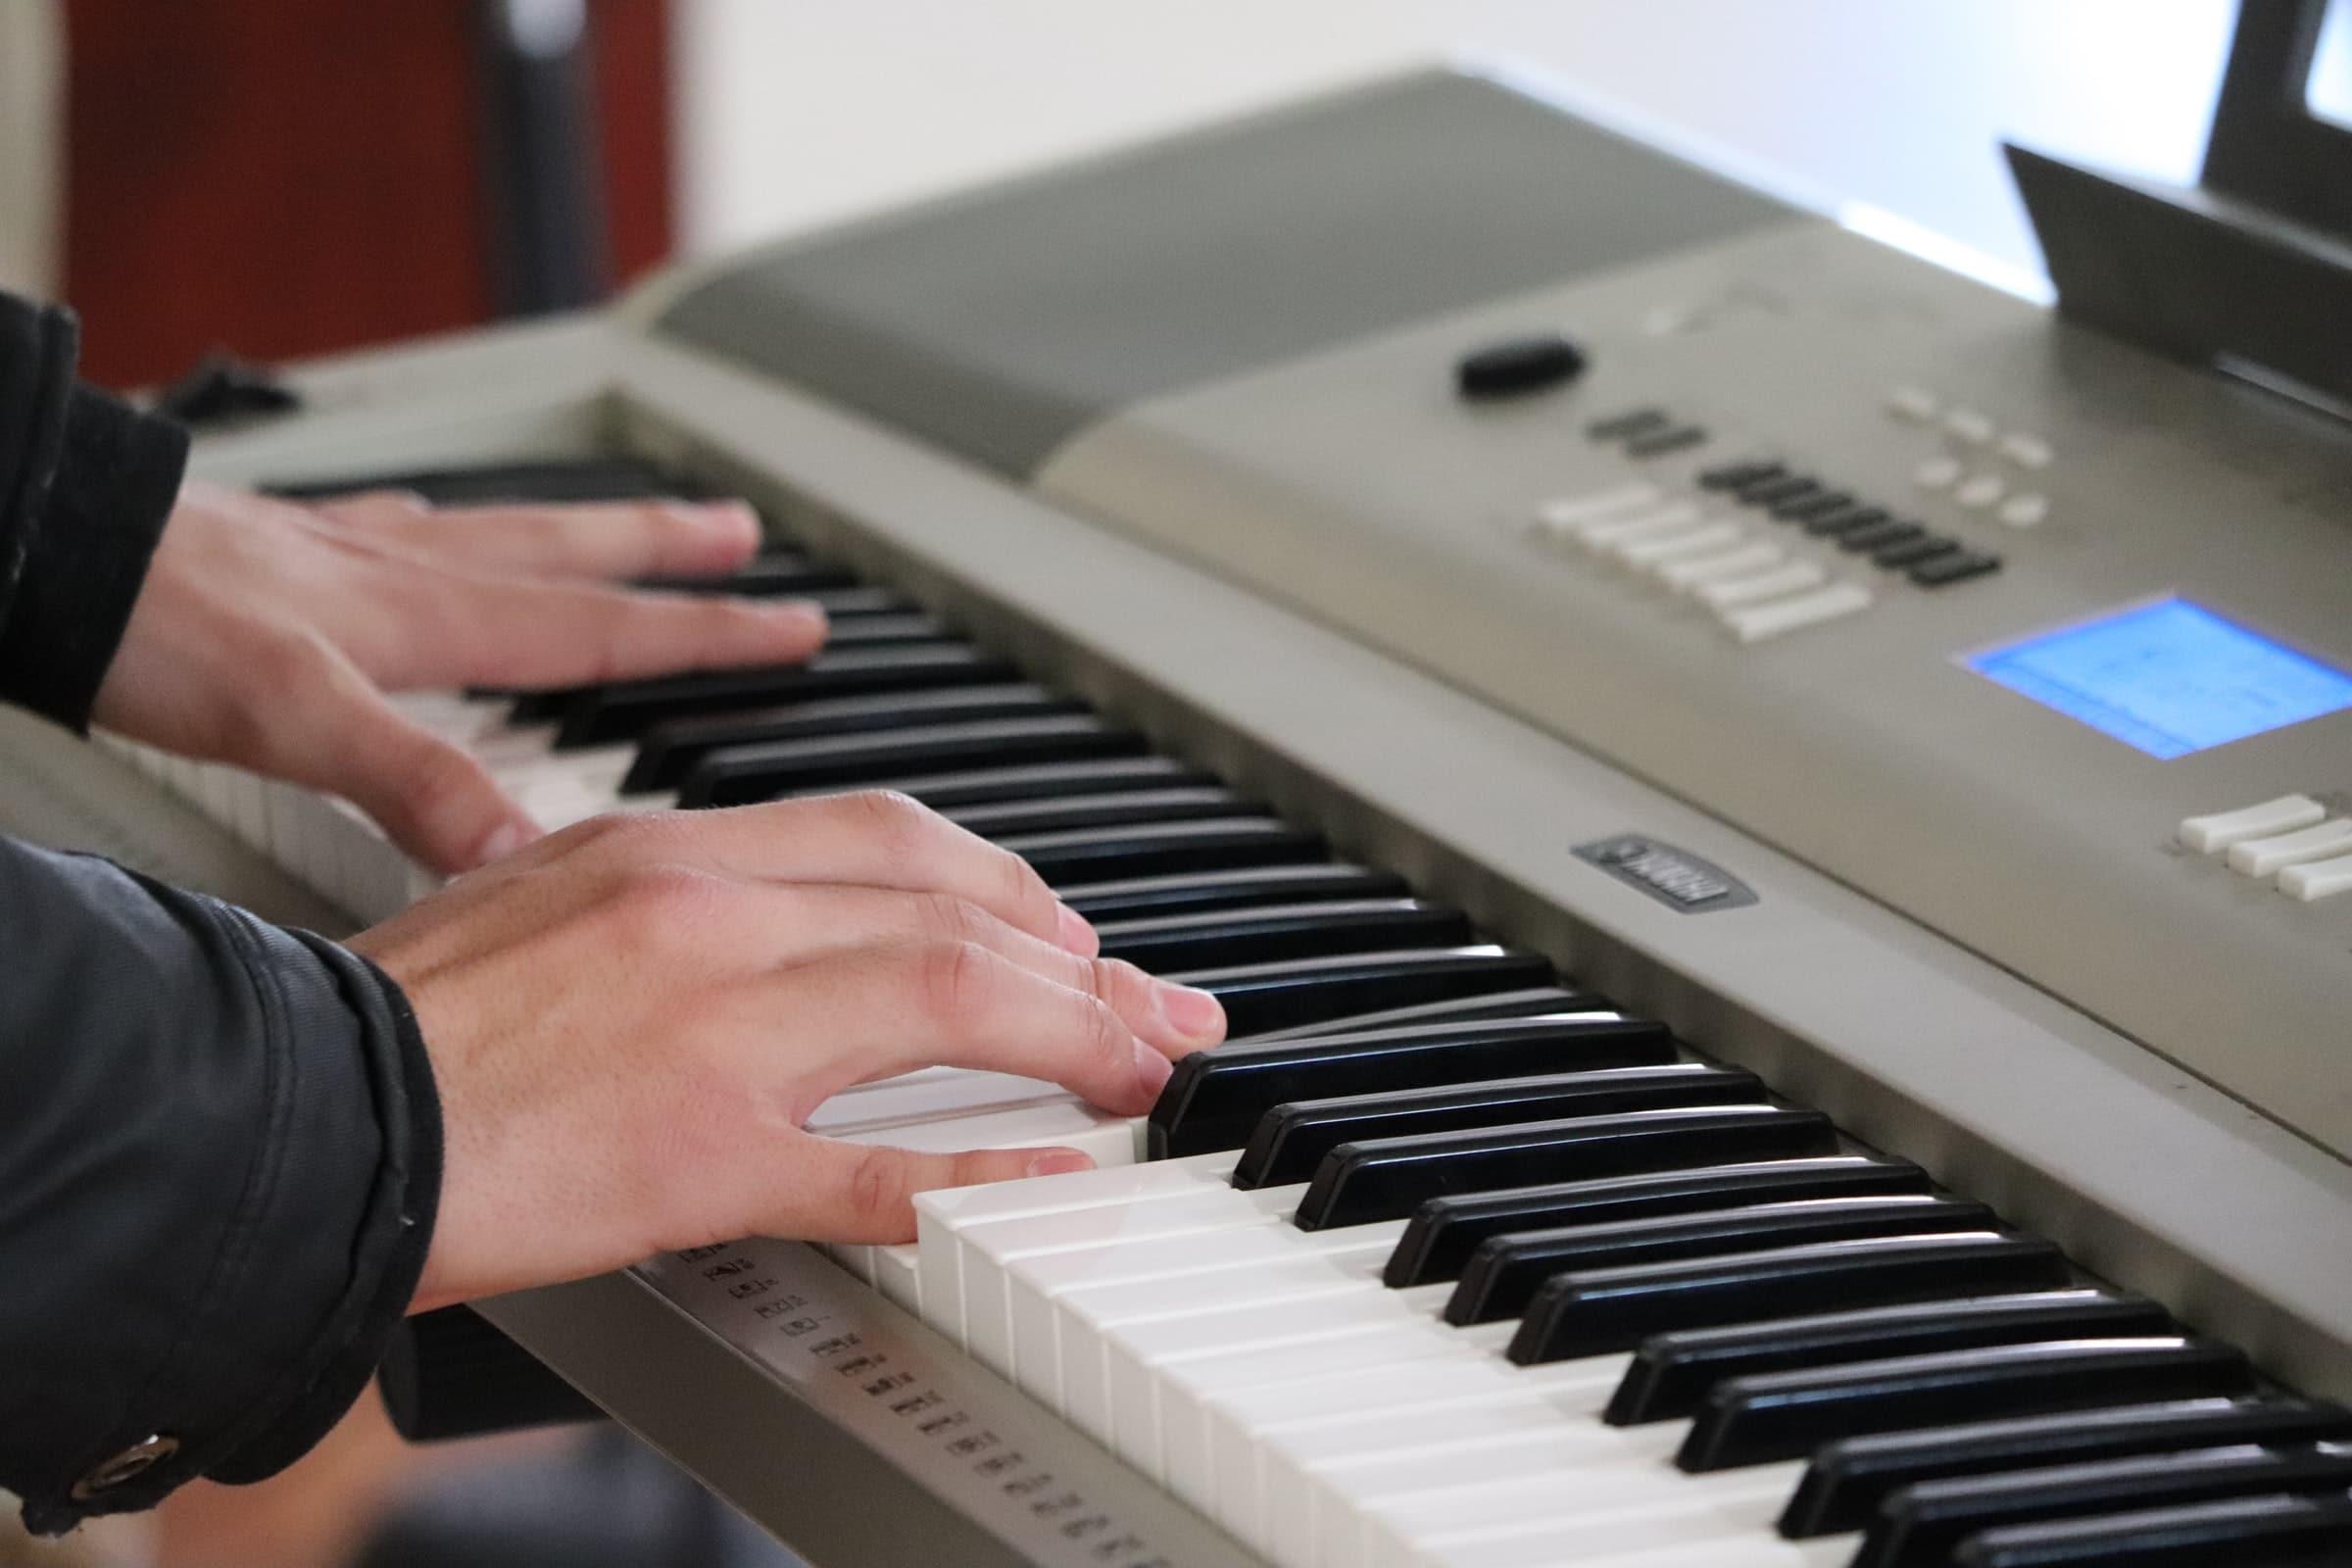 Meilleures marques de pianos numériques